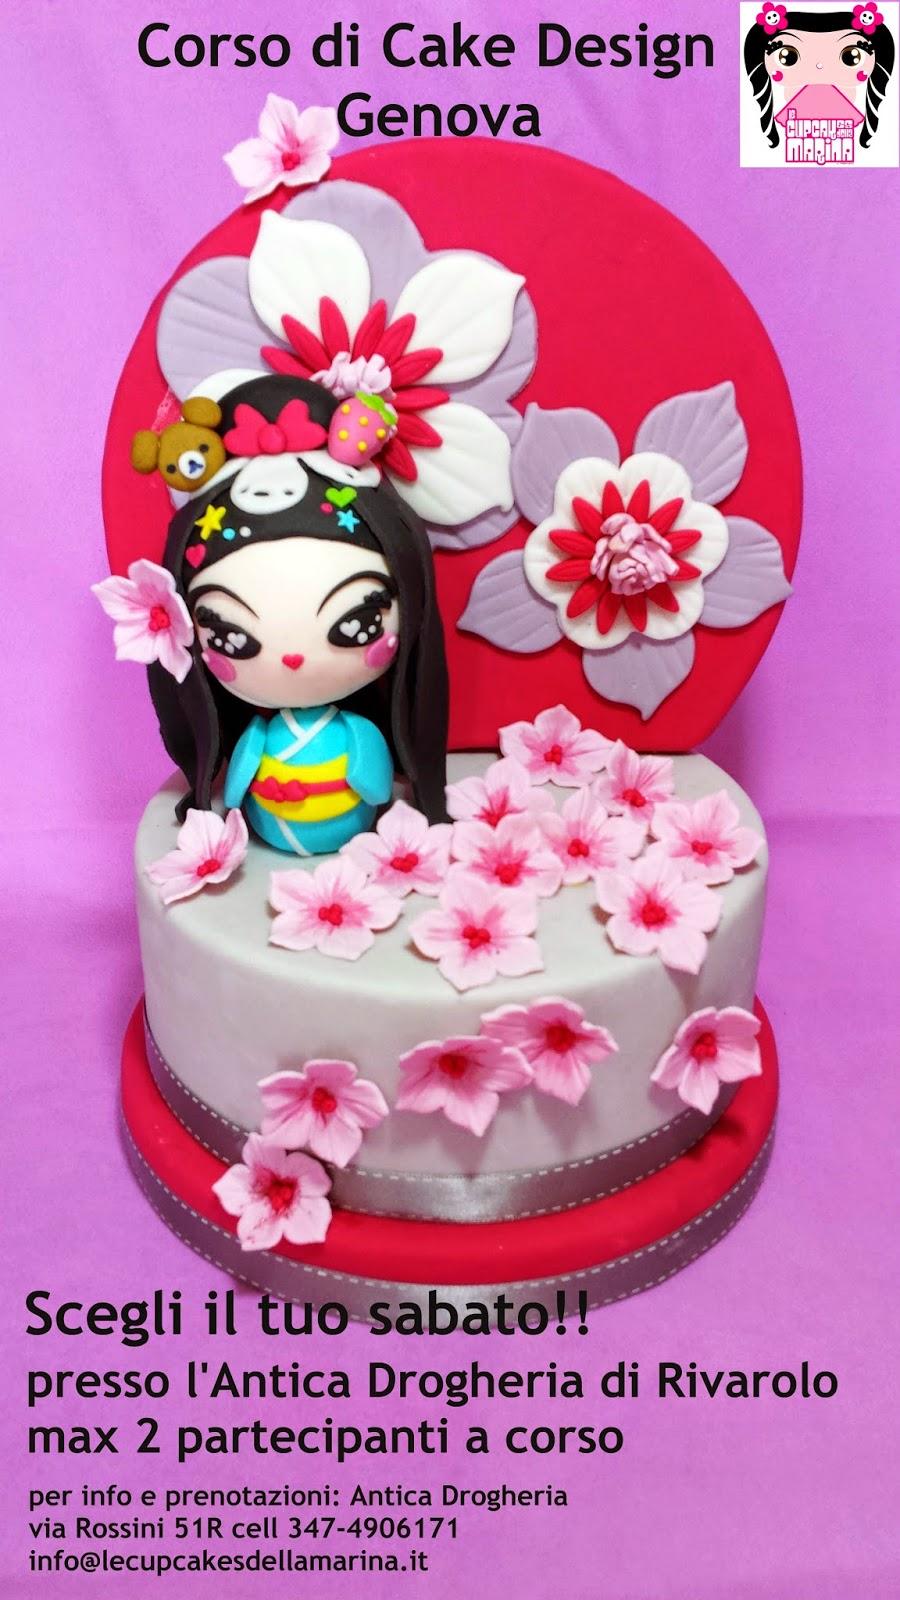 Le Cupcakes della Marina: Corso Cake Design Genova 2014